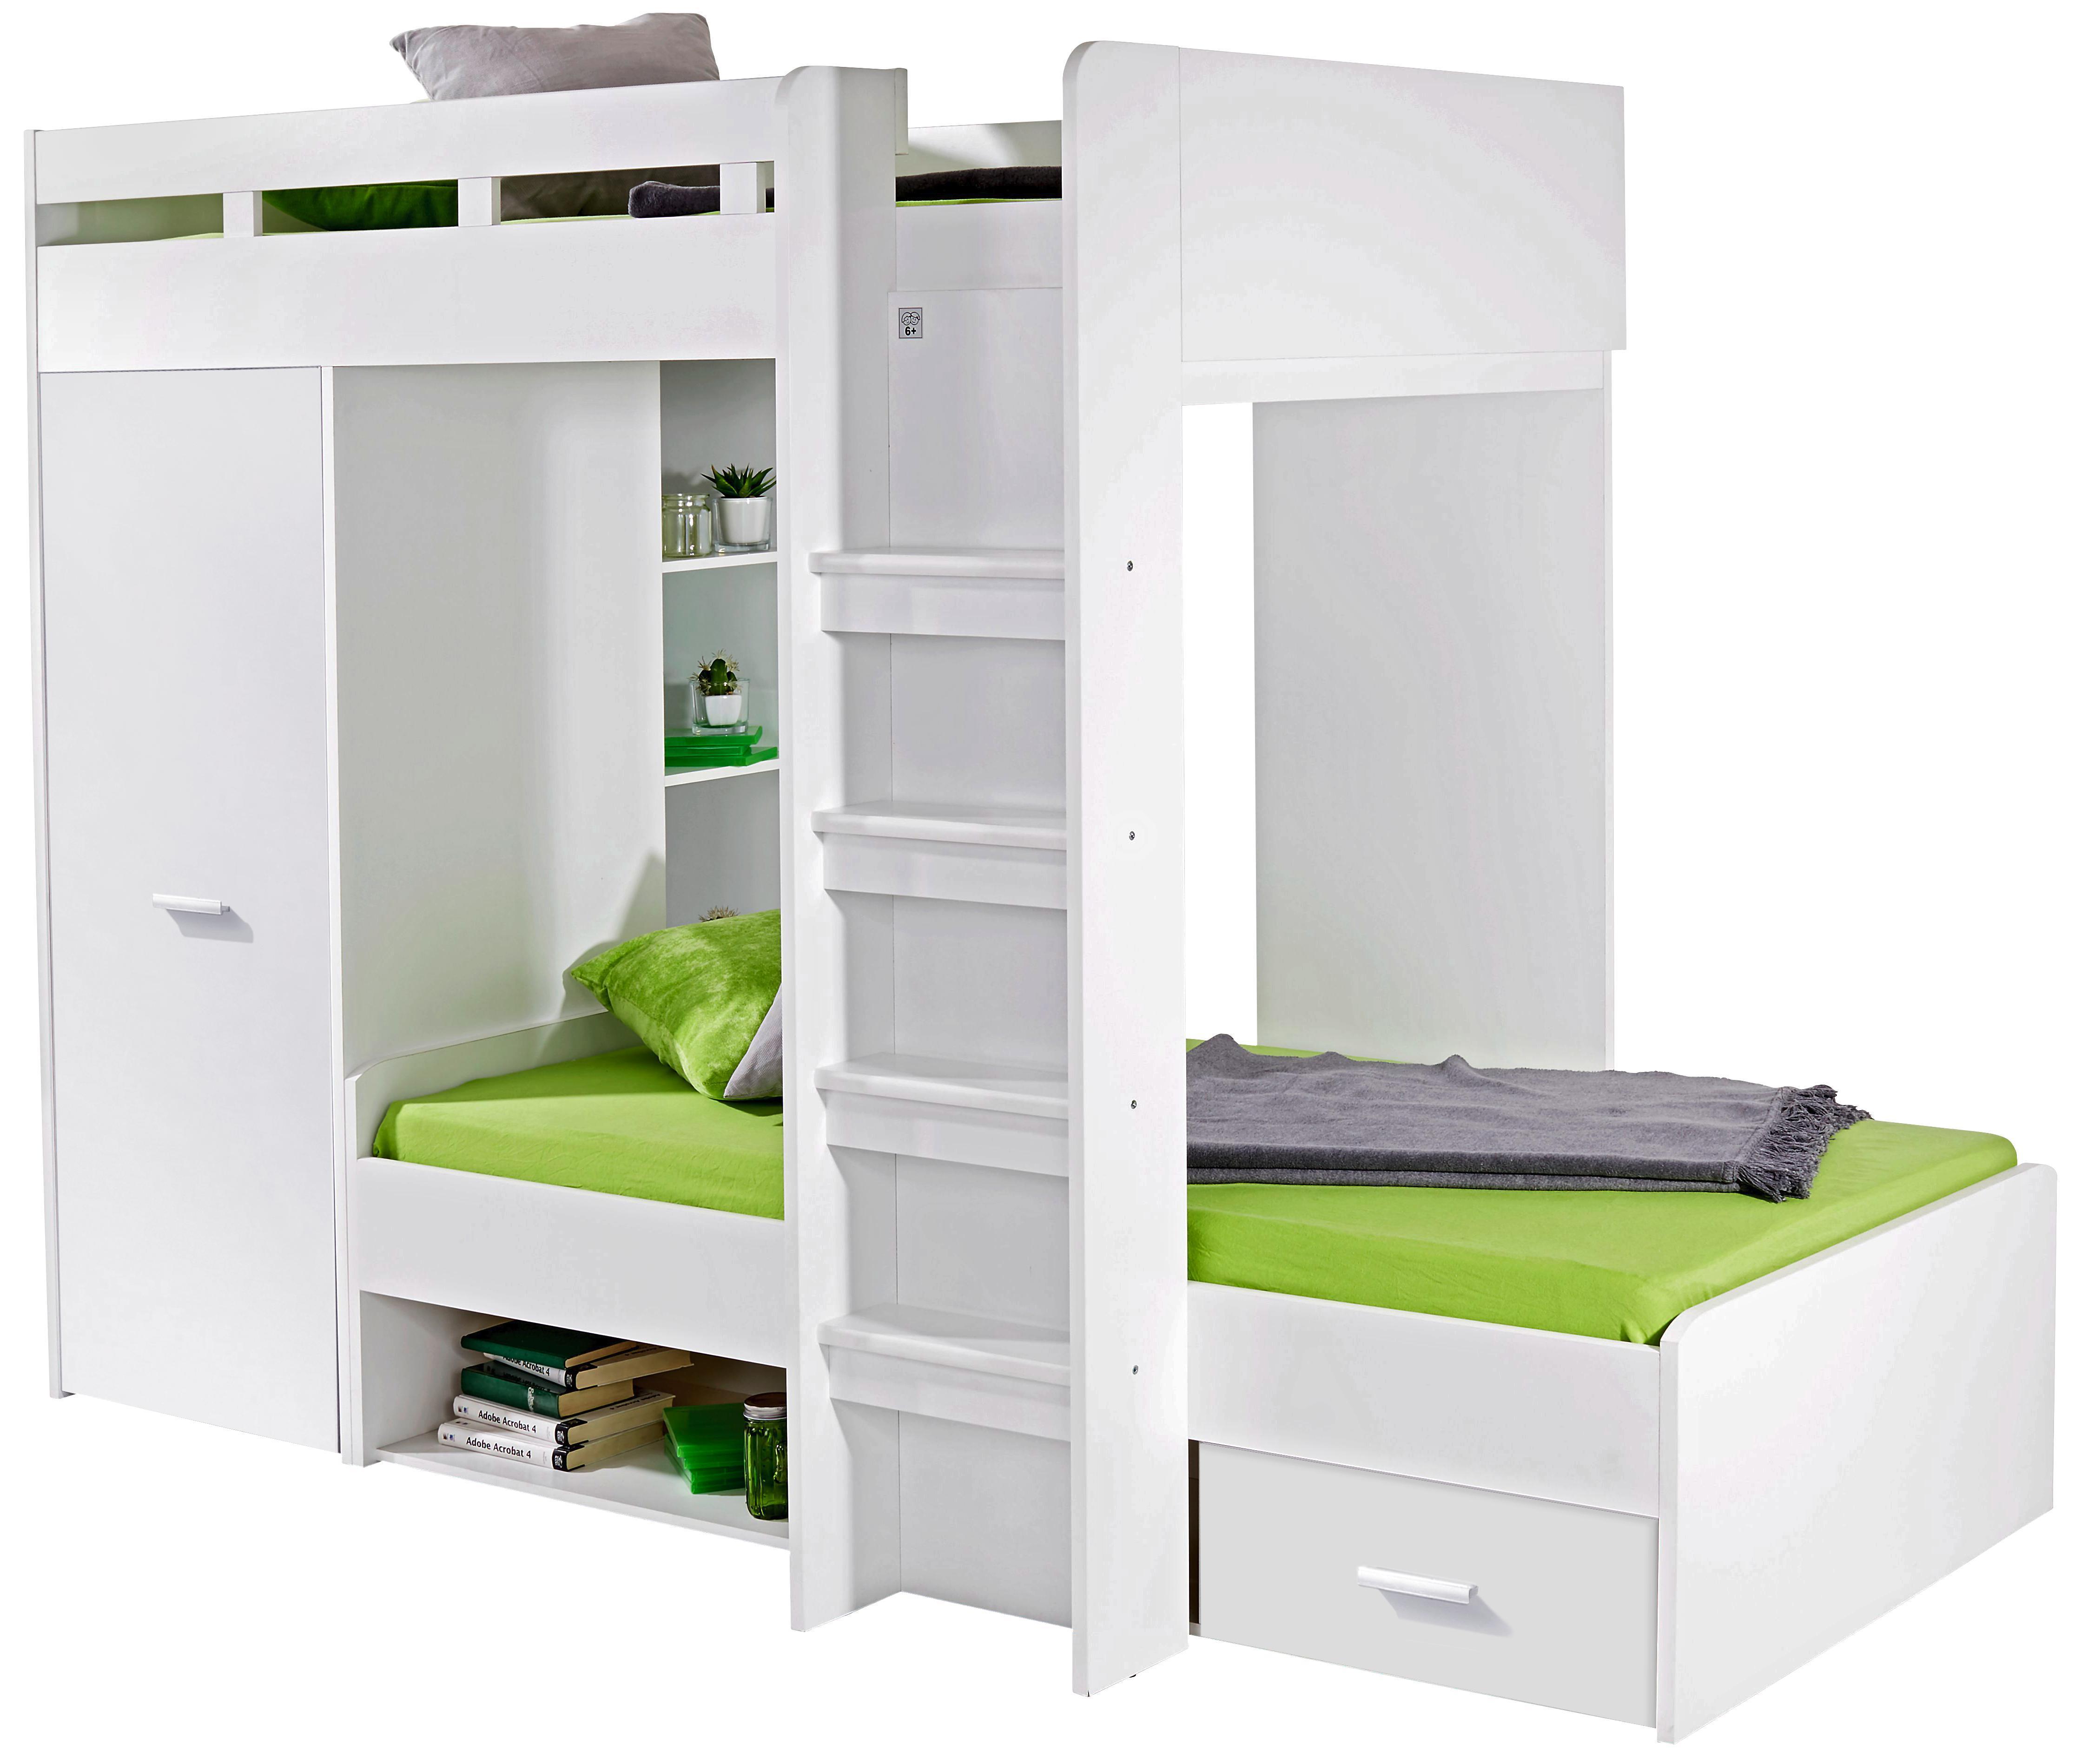 Etagenbett Günstig Kaufen : Kinder etagenbett twice günstig kaufen i möbel online shop